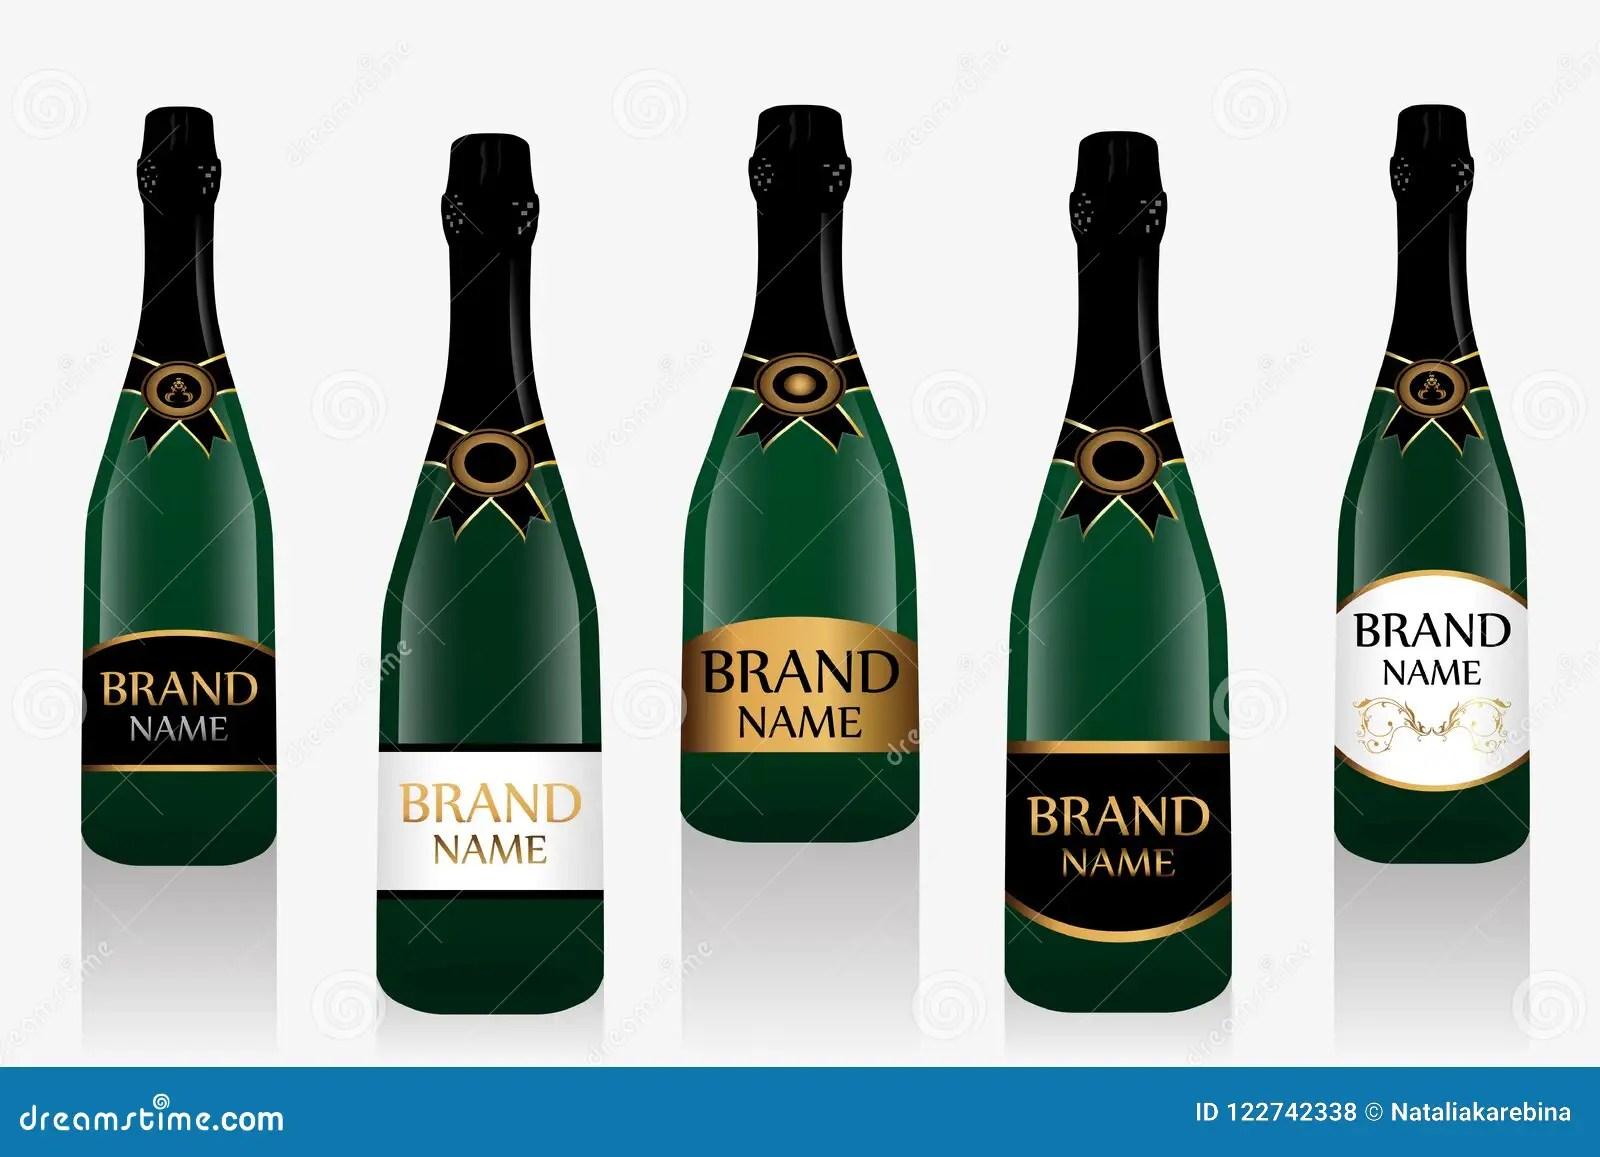 champagne bottle or sparkling